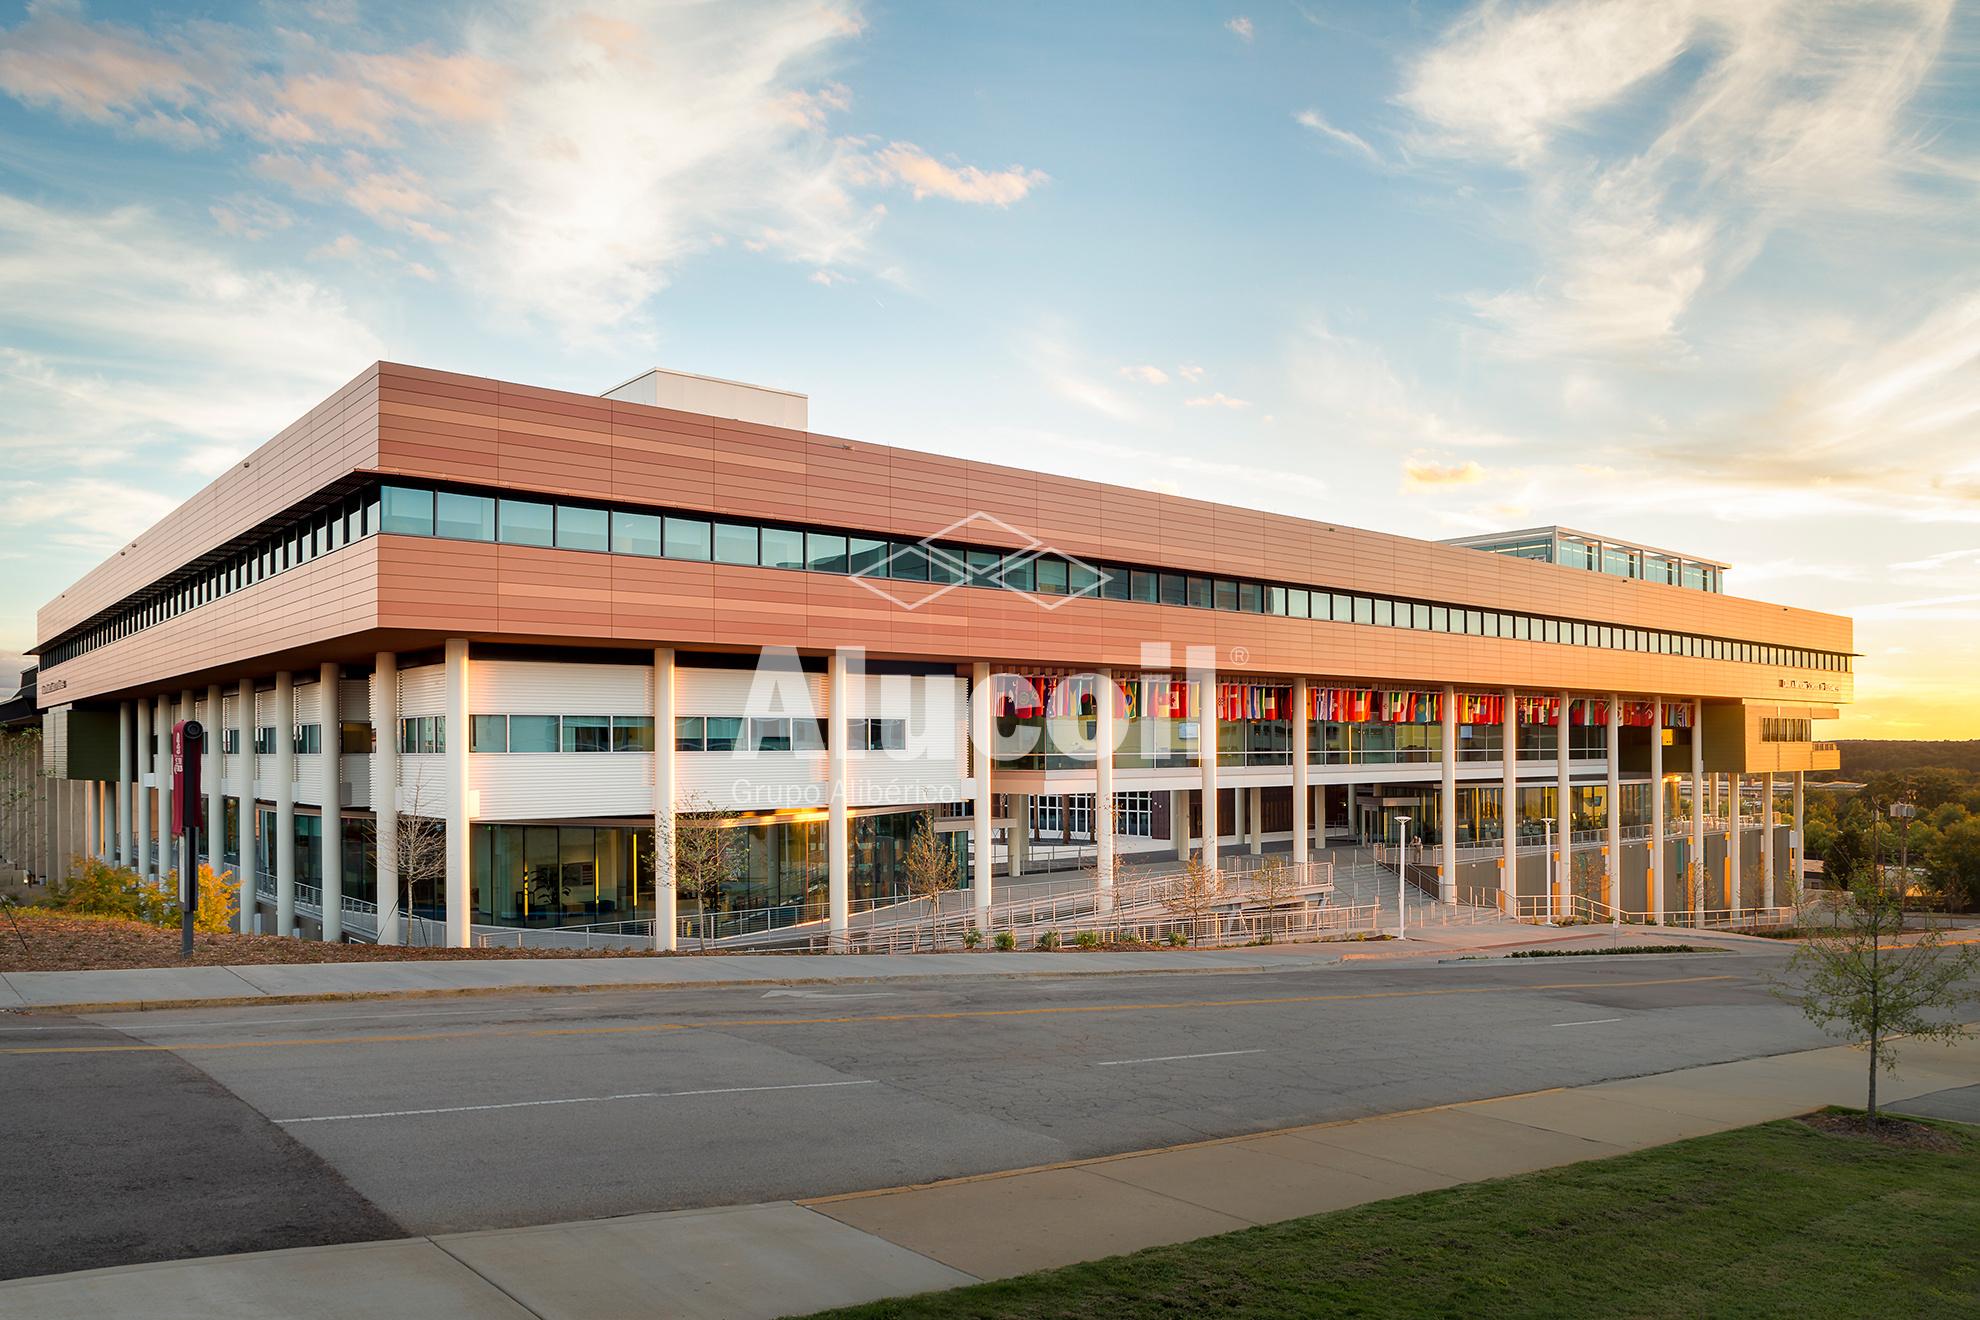 Darla Moore School of Business